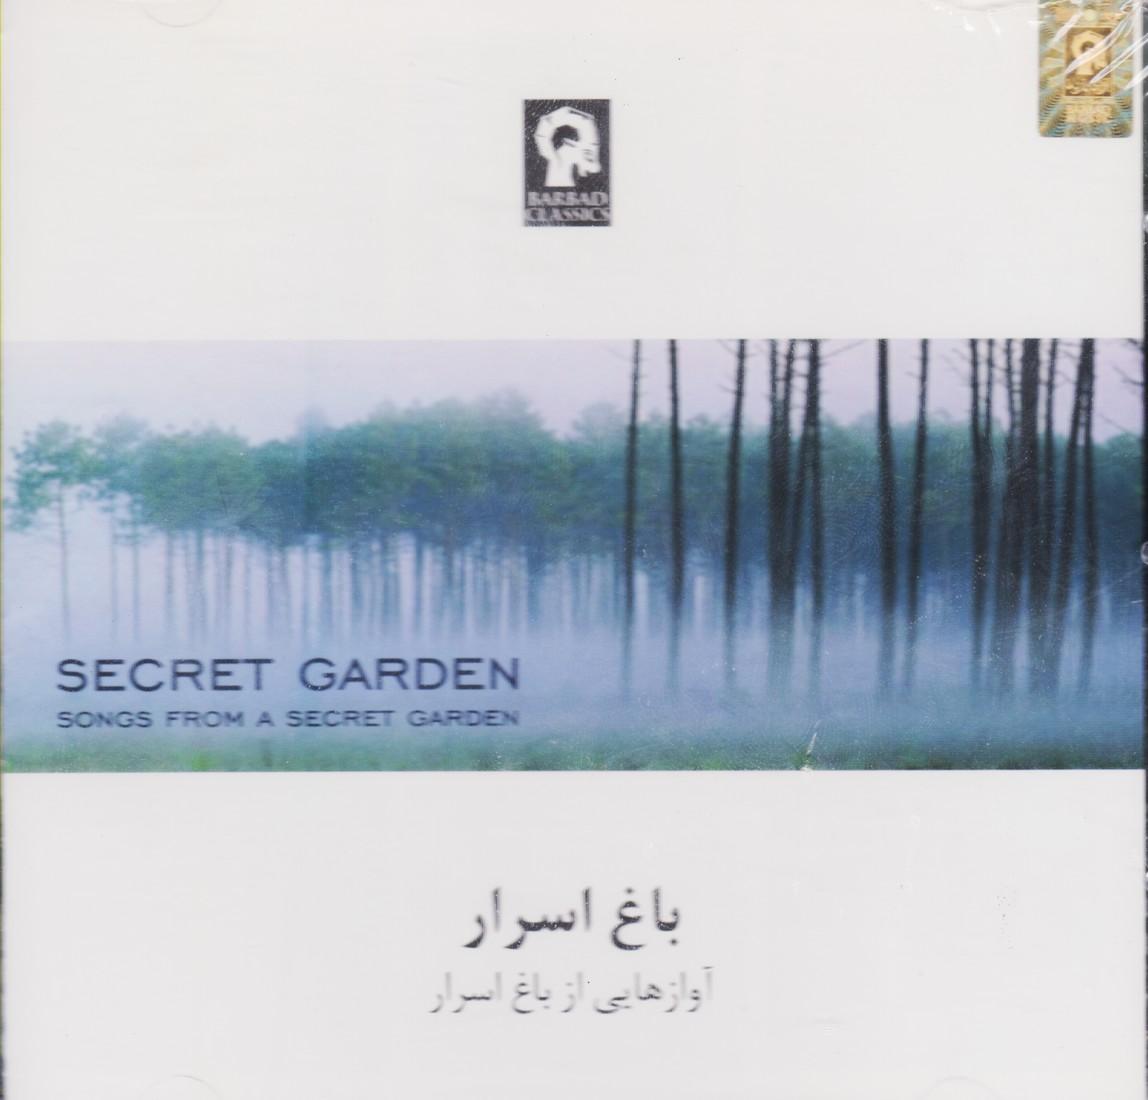 باغ اسرار: آوازهایی از باغ اسرار